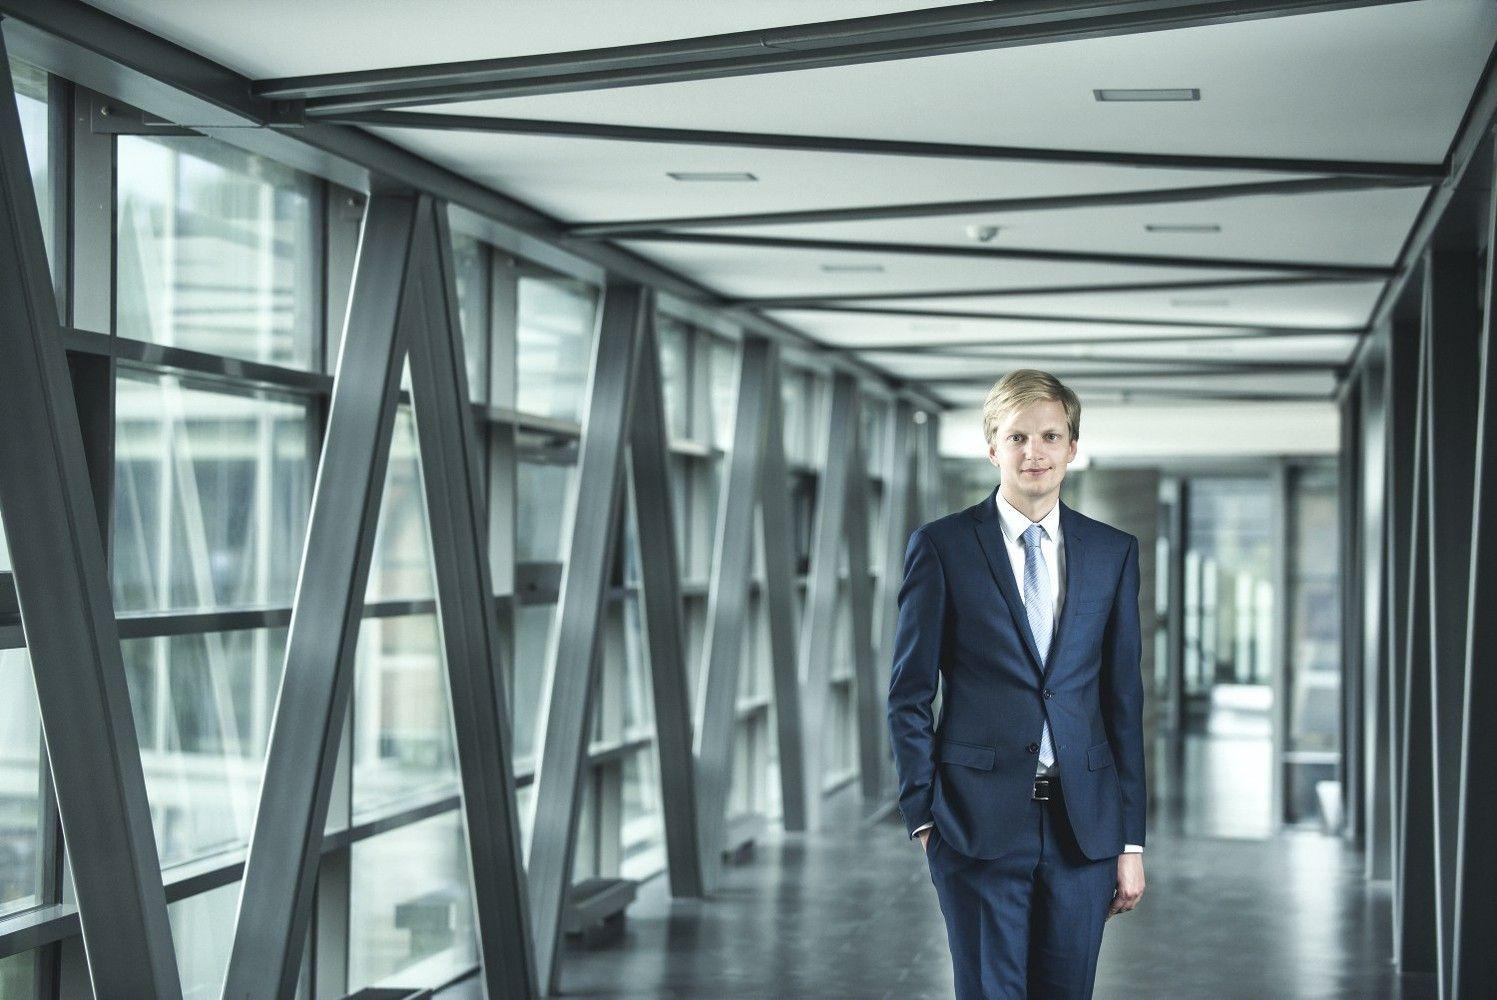 Atnaujinta VGTU studijų programa kvies inžinierius kurti ateities verslus